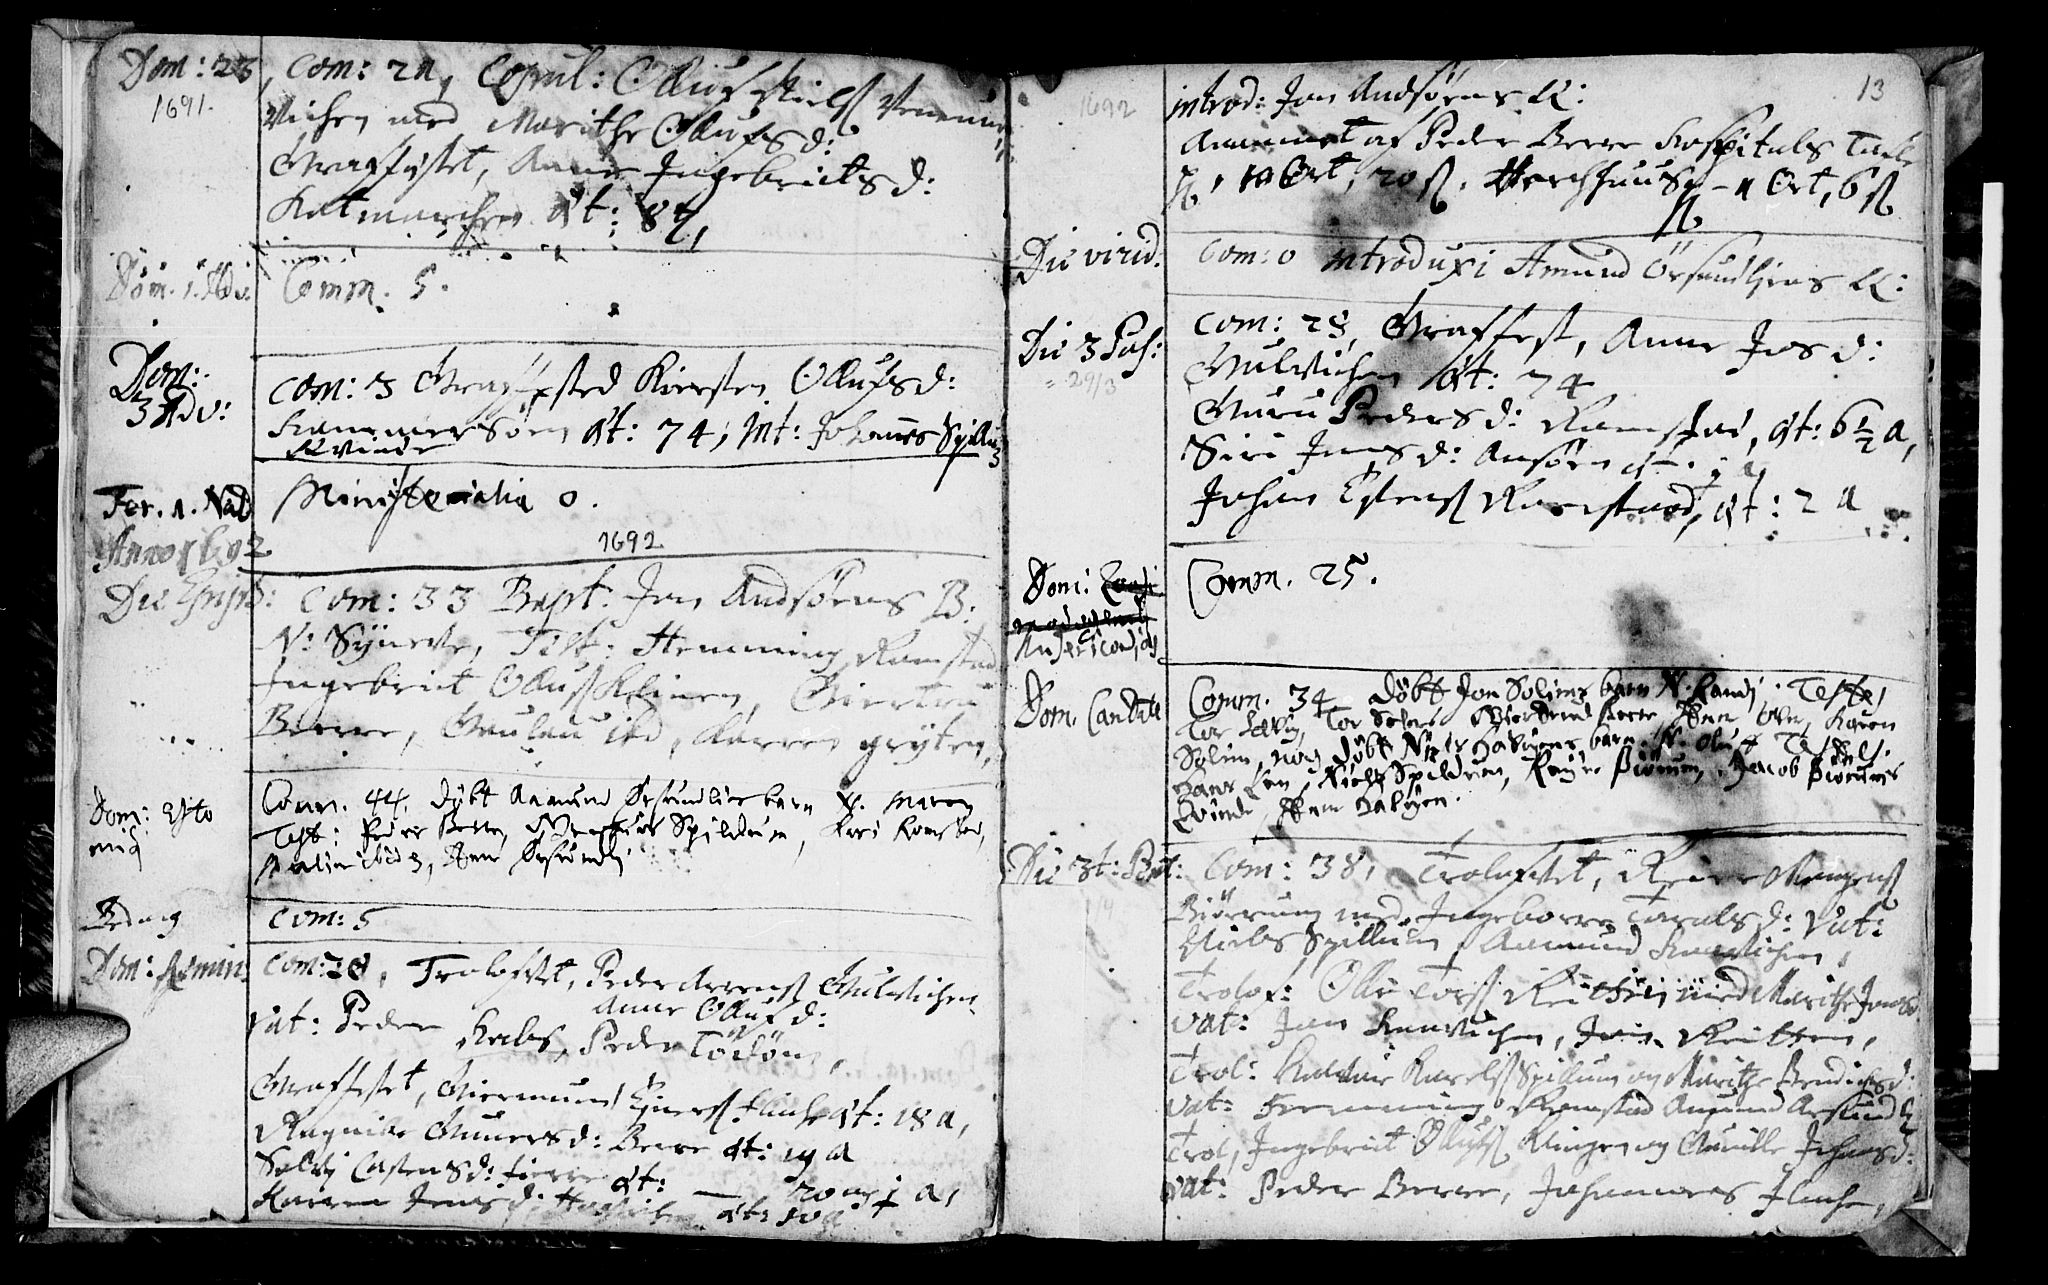 SAT, Ministerialprotokoller, klokkerbøker og fødselsregistre - Nord-Trøndelag, 770/L0587: Ministerialbok nr. 770A01, 1689-1697, s. 12-13